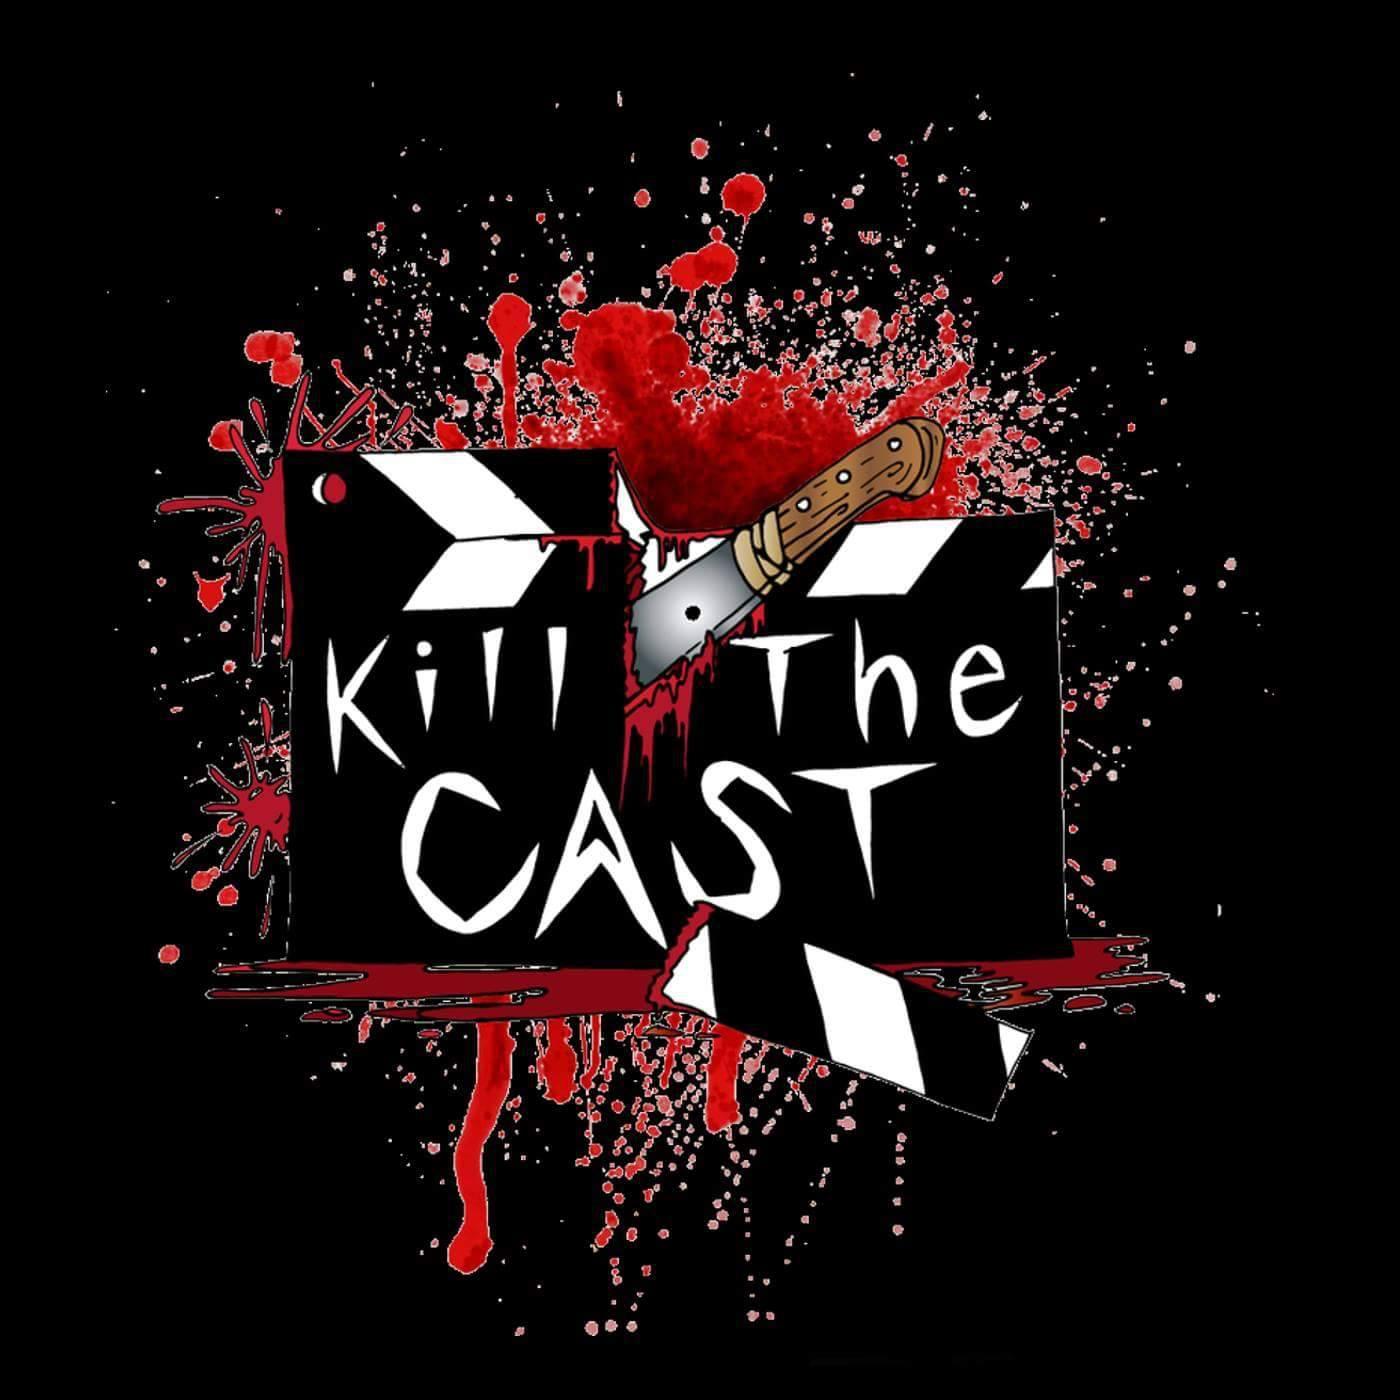 Kill The Cast – Horrorphilia (podcast) - Horrorphilia